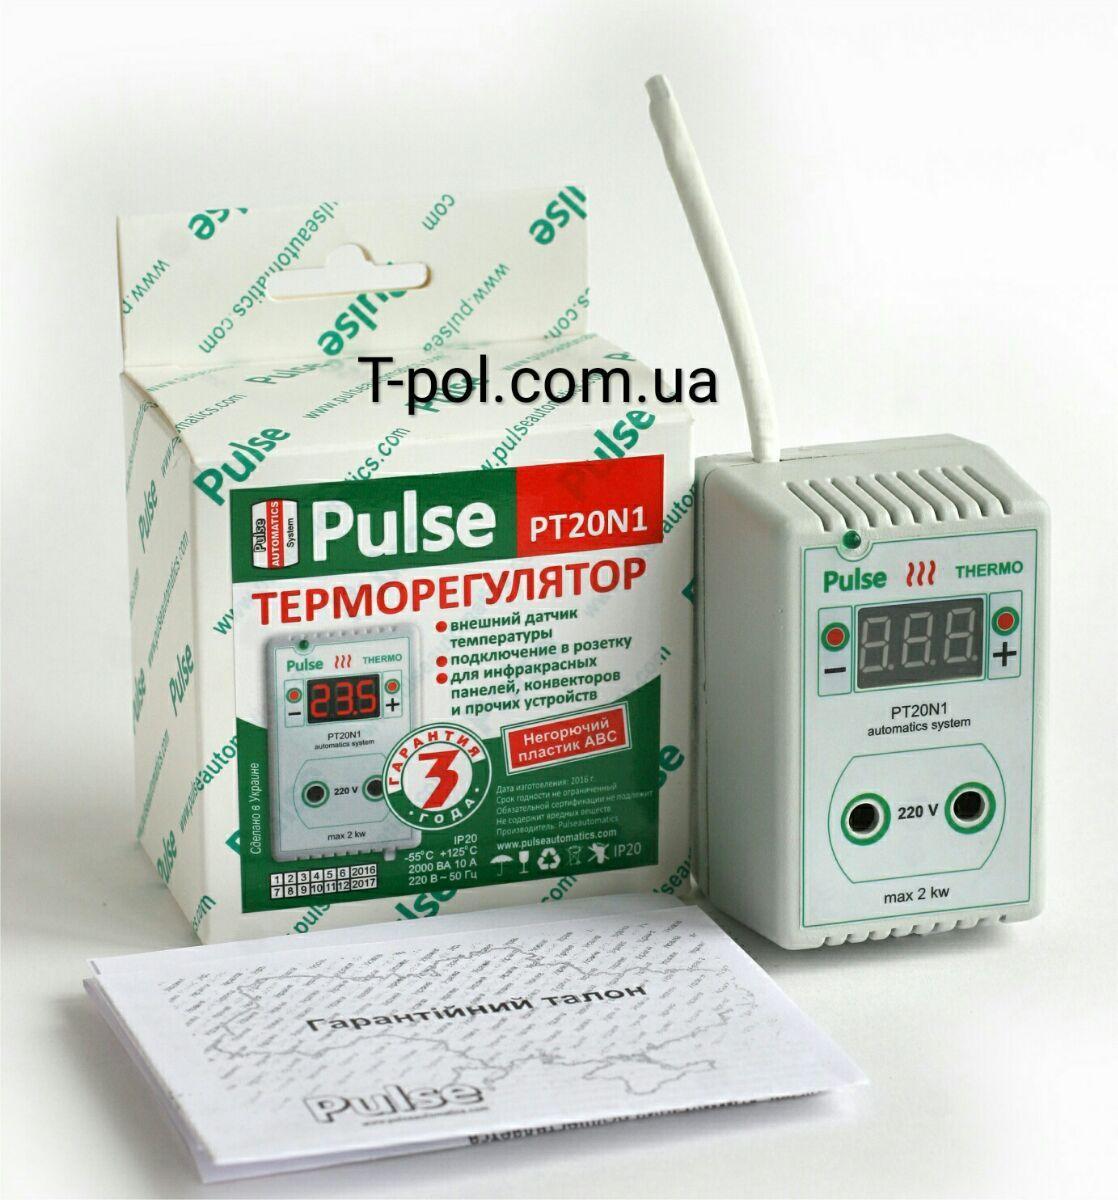 Розеточный терморегулятор pulse pt-20-n1 для панелей обогревателей, для конвекторов, для твердопаливных котлов